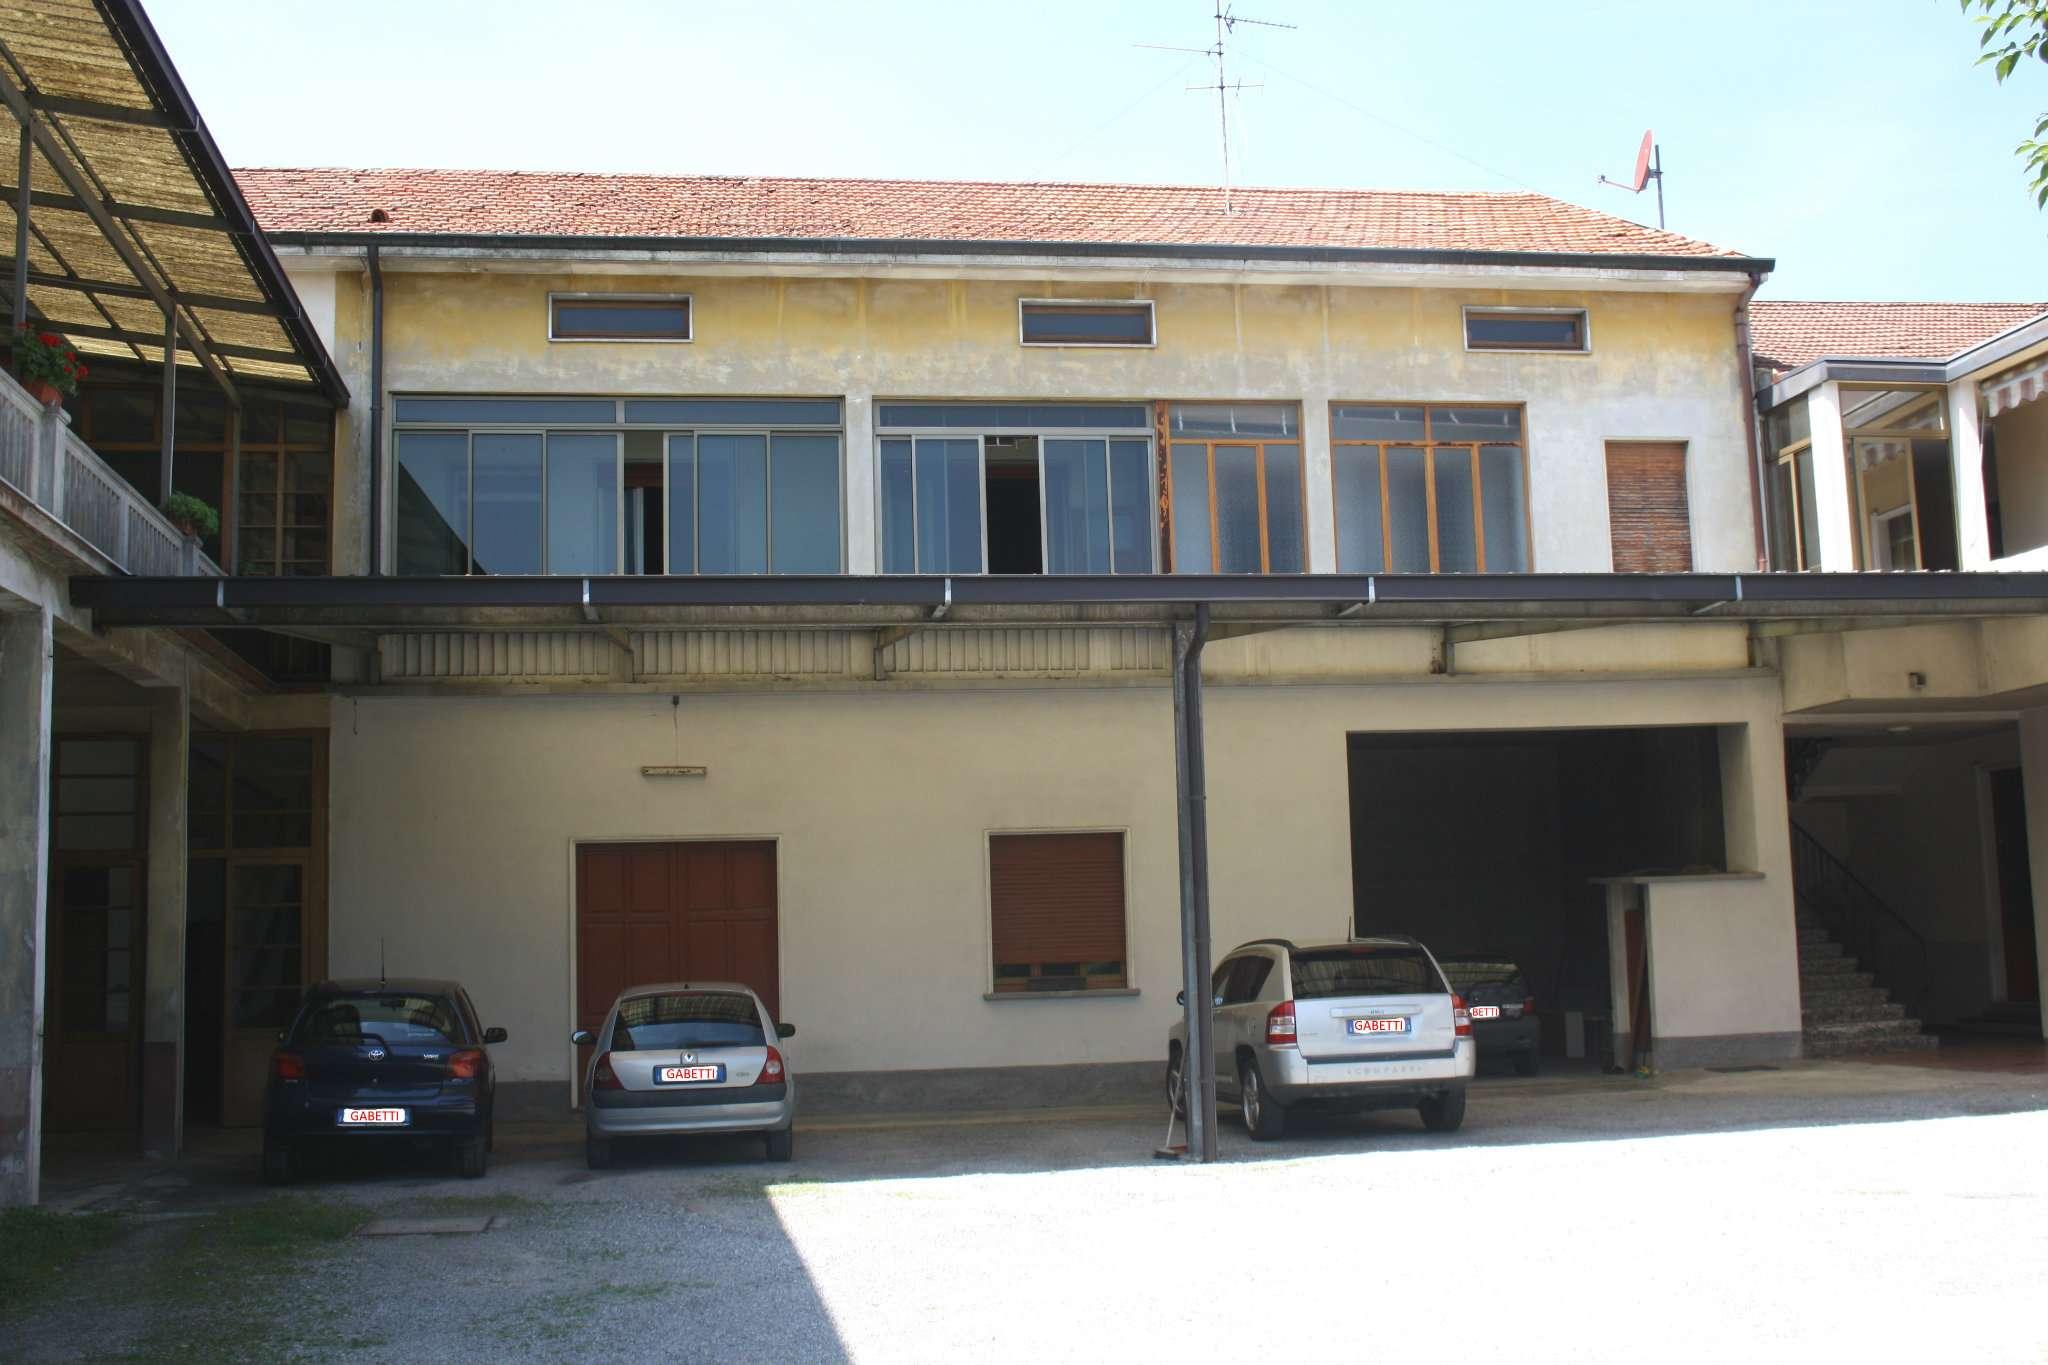 Rustico / Casale in vendita a Cesano Maderno, 3 locali, prezzo € 95.000 | CambioCasa.it